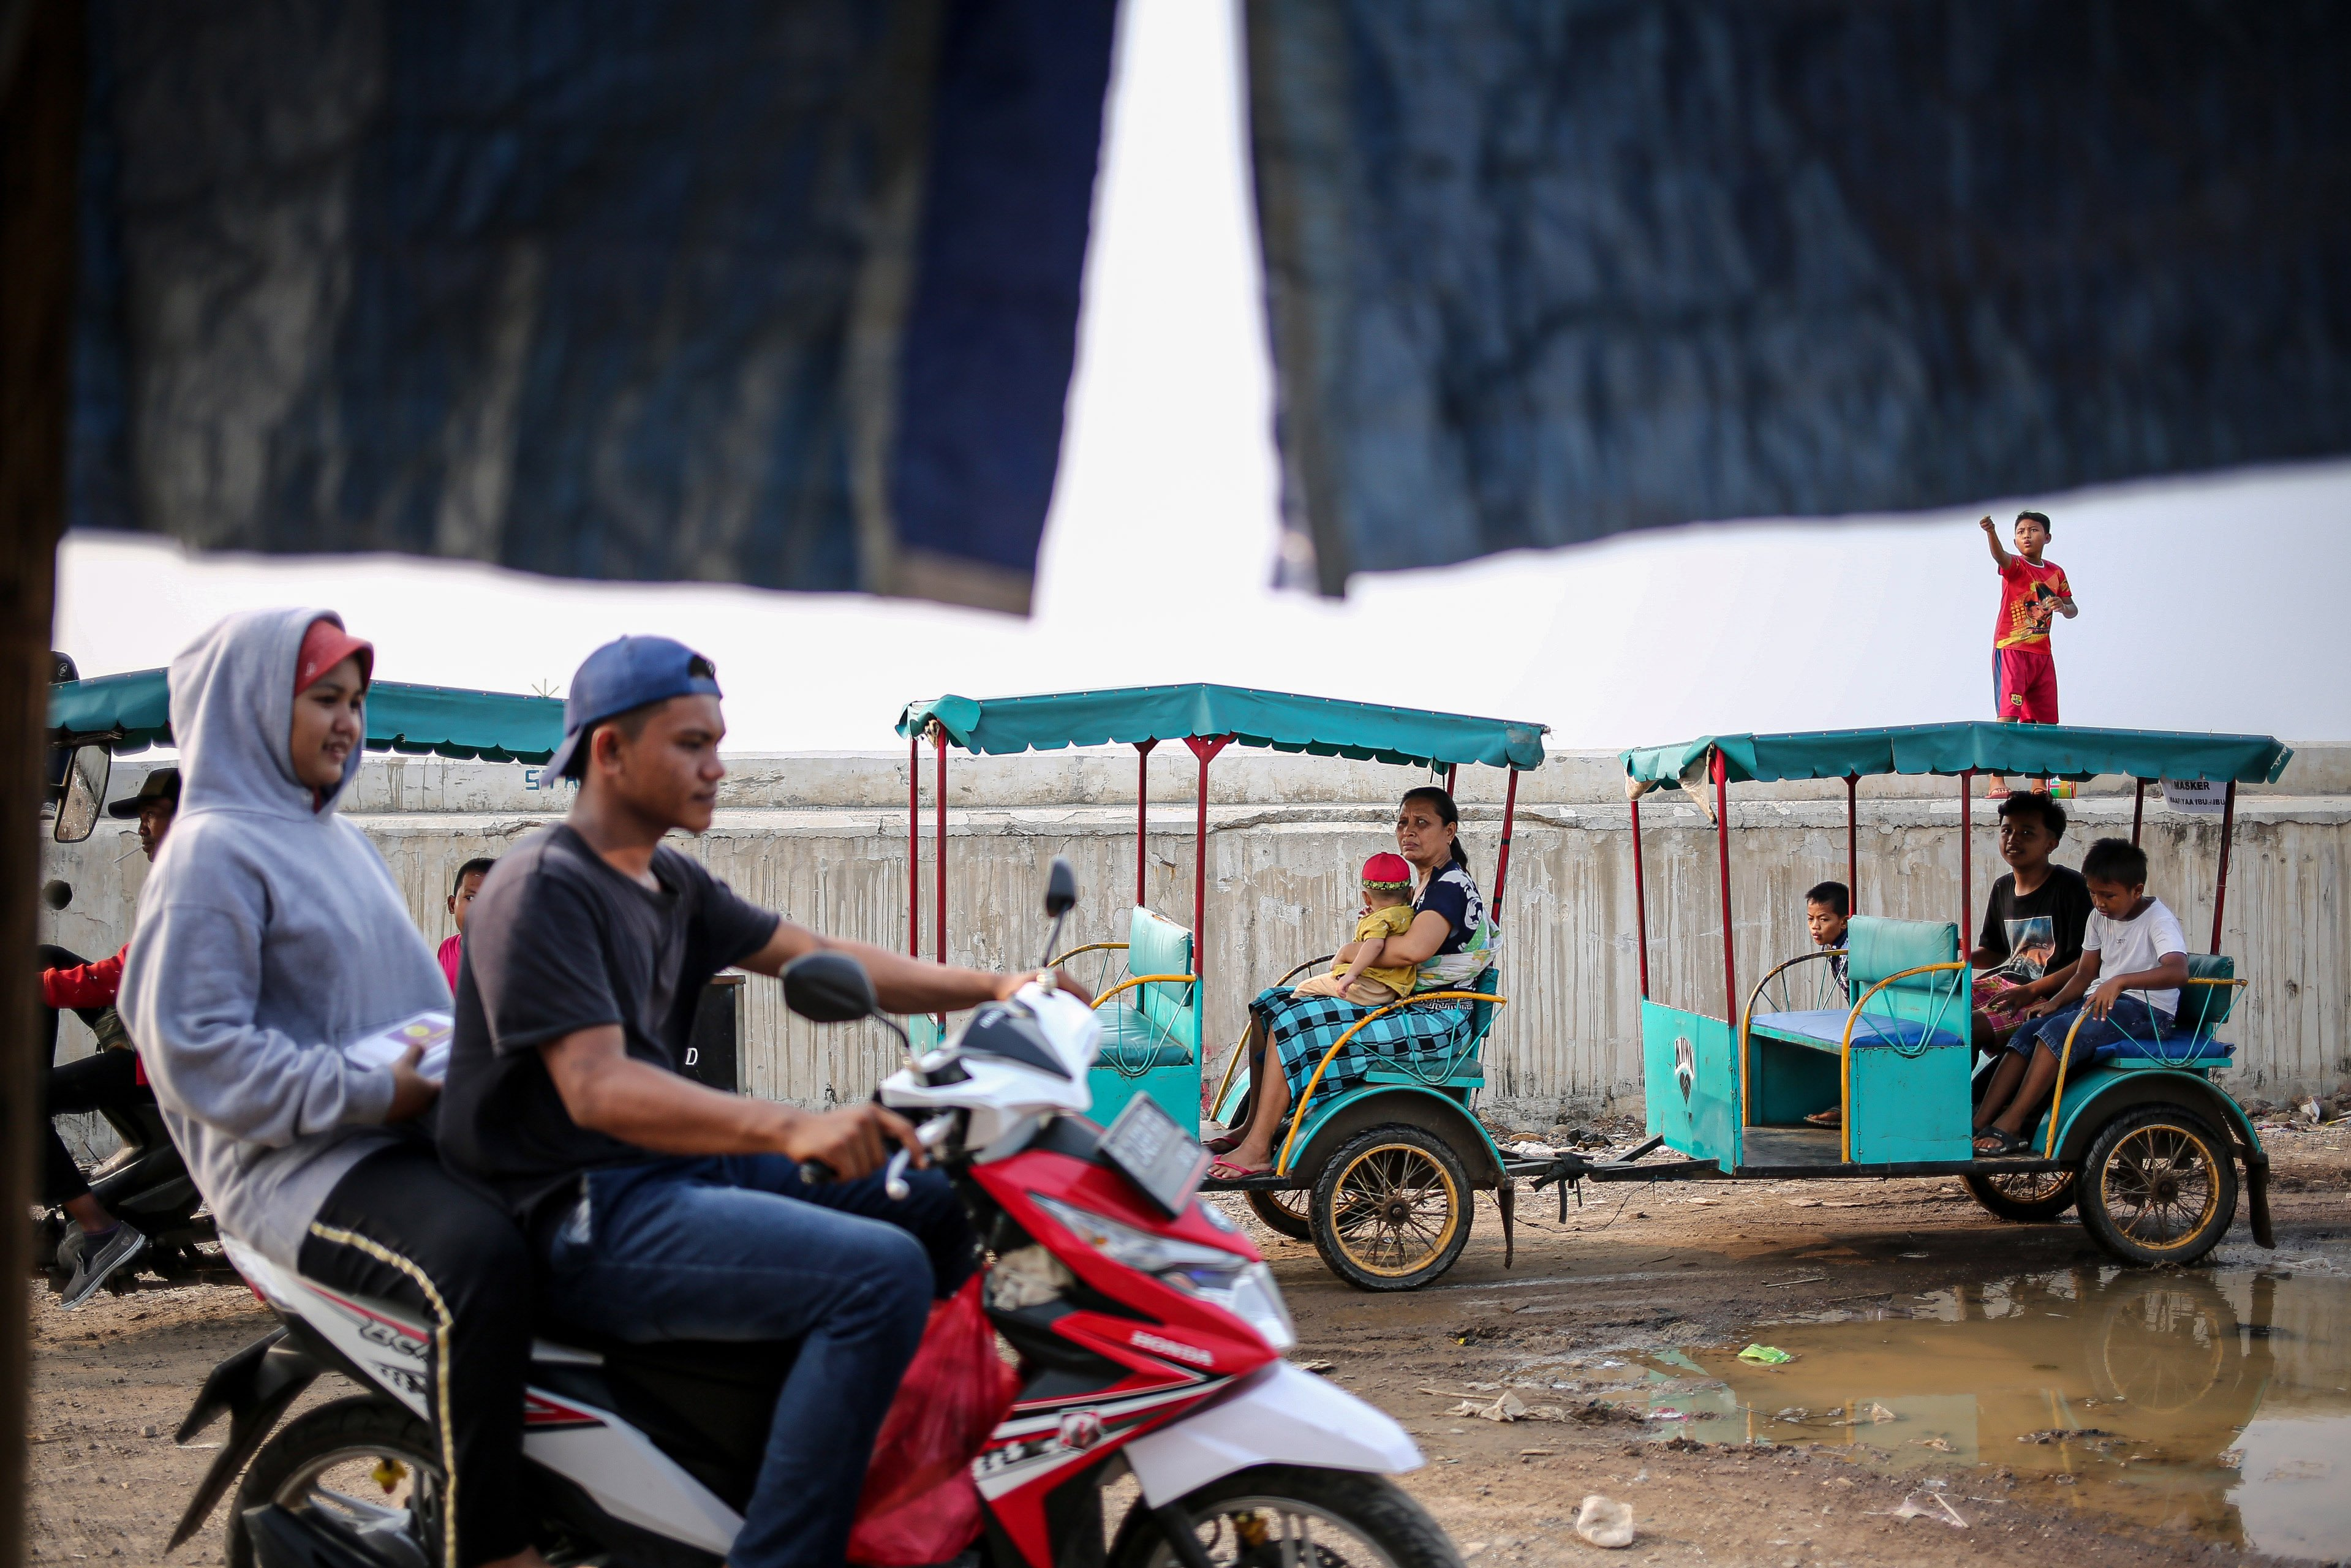 Sejumlah warga beraktivitas di Kampung Nelayan, Jakarta Utara, Minggu (9/8/2020). Kesatuan Nelayan Tradisional Indonesia (KNTI) mengklaim penurunan penjualan tangkapan nelayan mencapai 21 persen dan pendapatan hingga 90 persen akibat merebaknya virus covid-19.